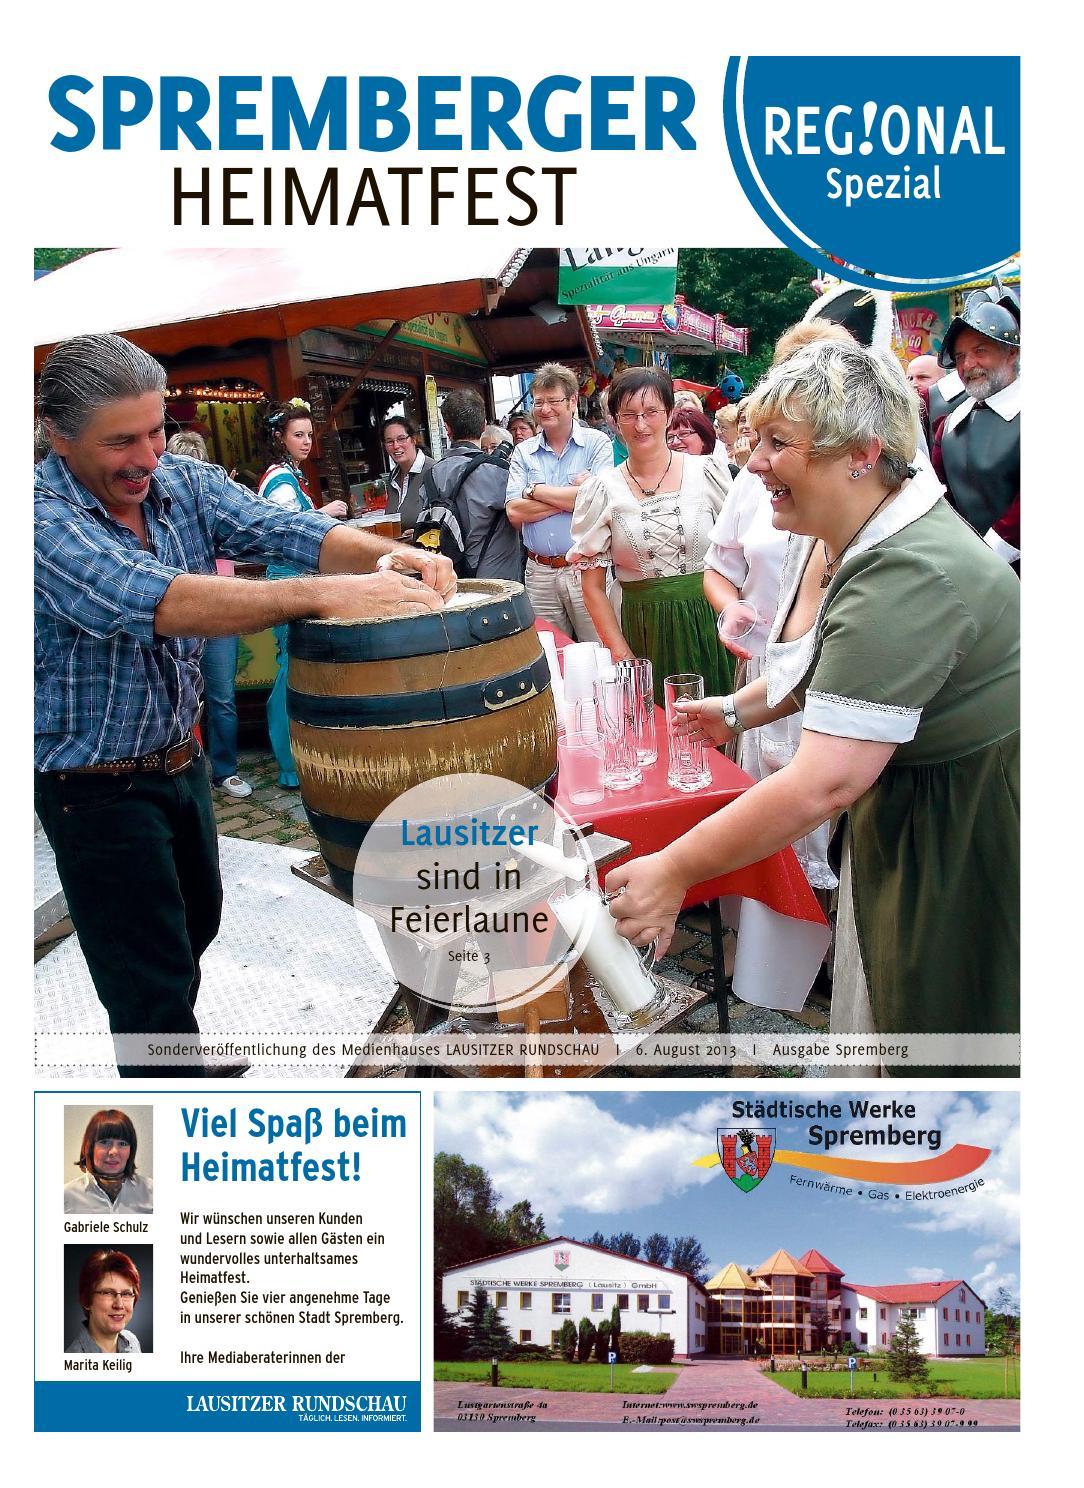 Spremberger heimatfest 2013 by lausitzer rundschau   issuu